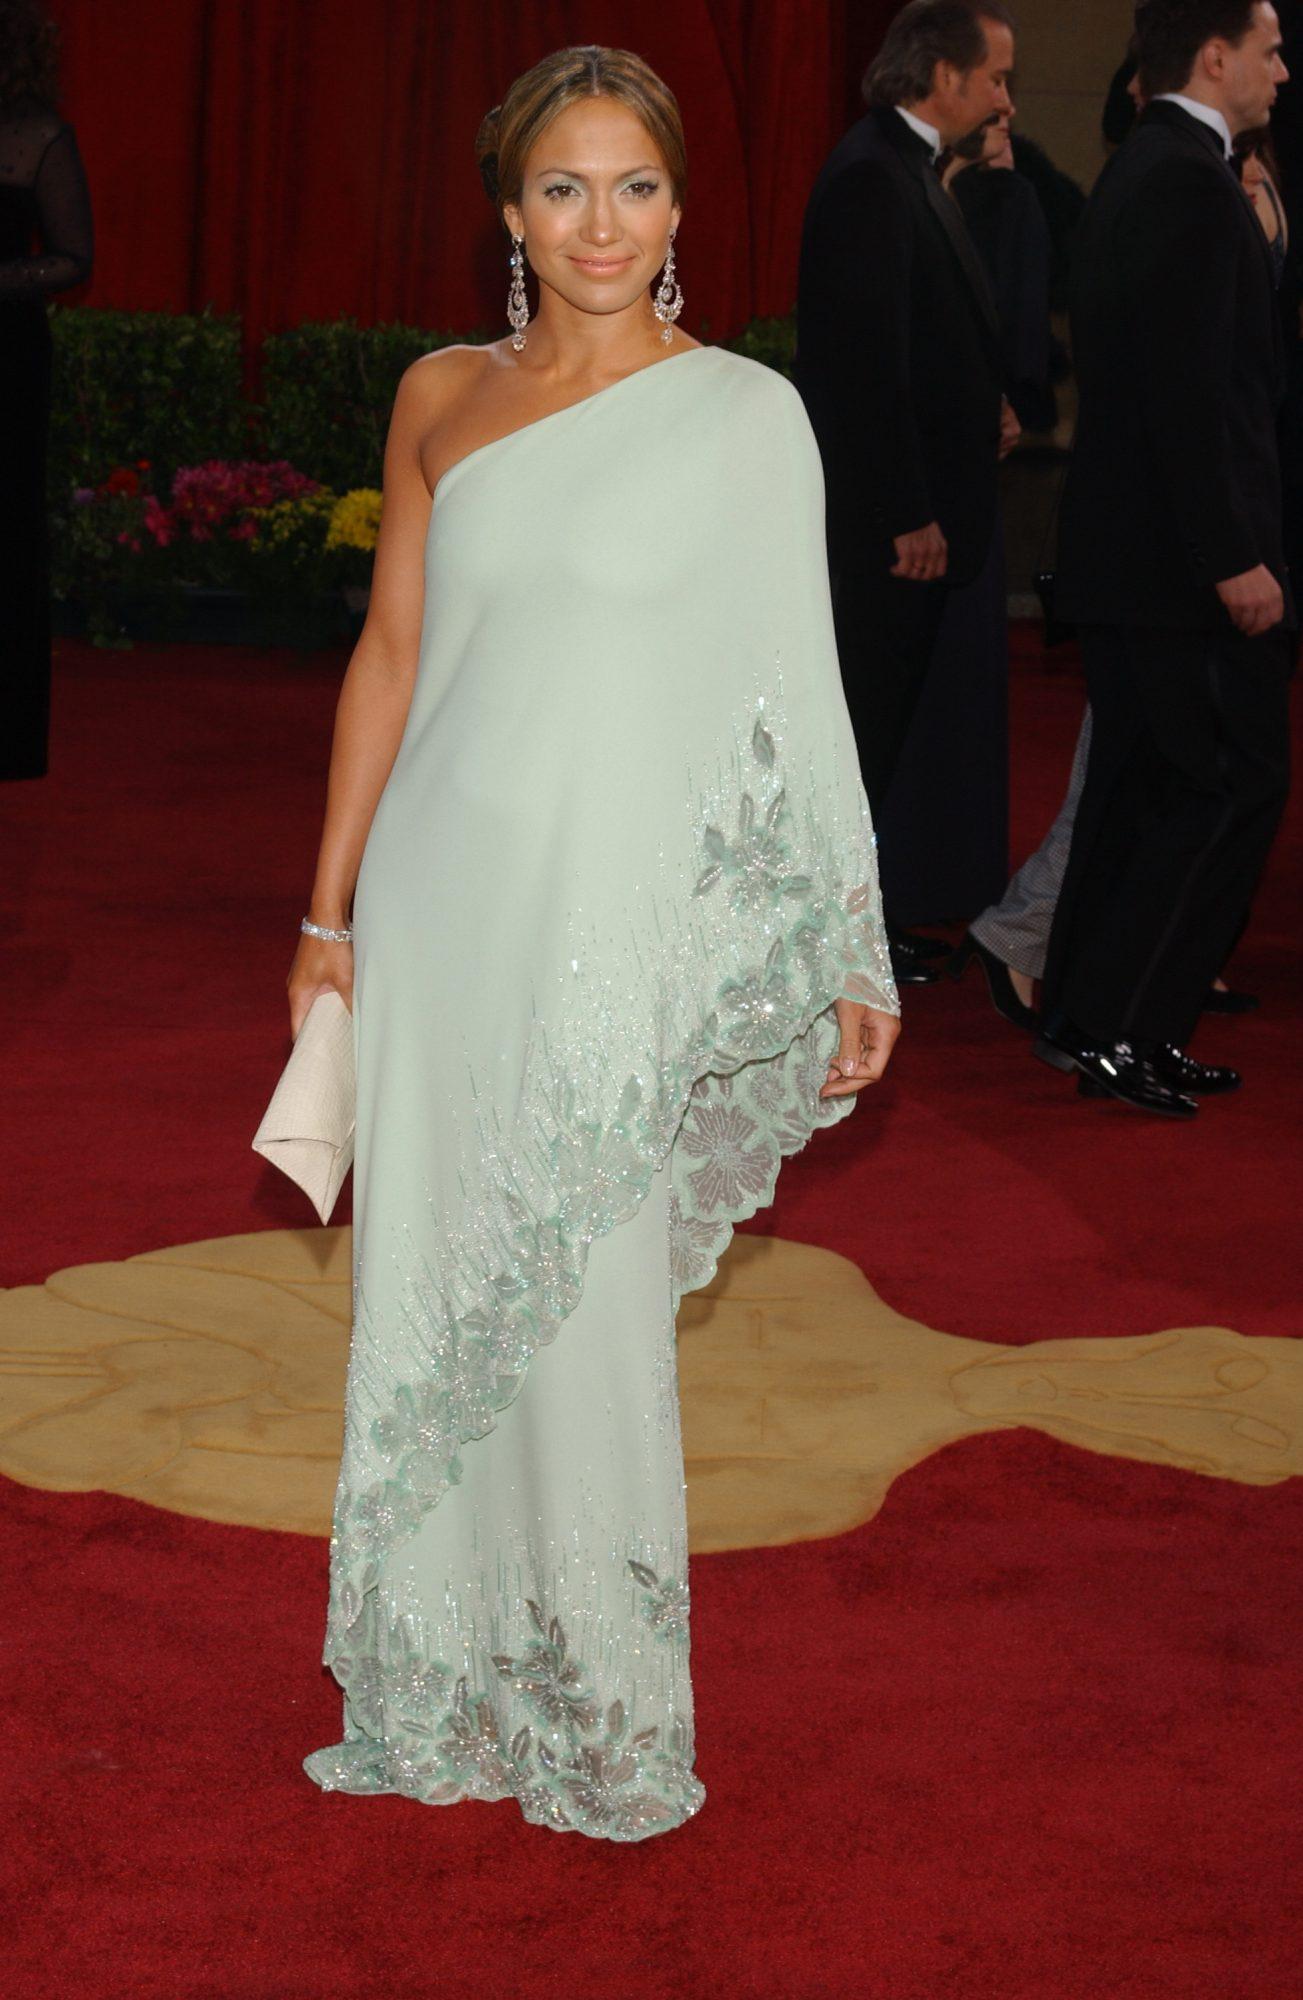 Oscars 2003 - Arrivals